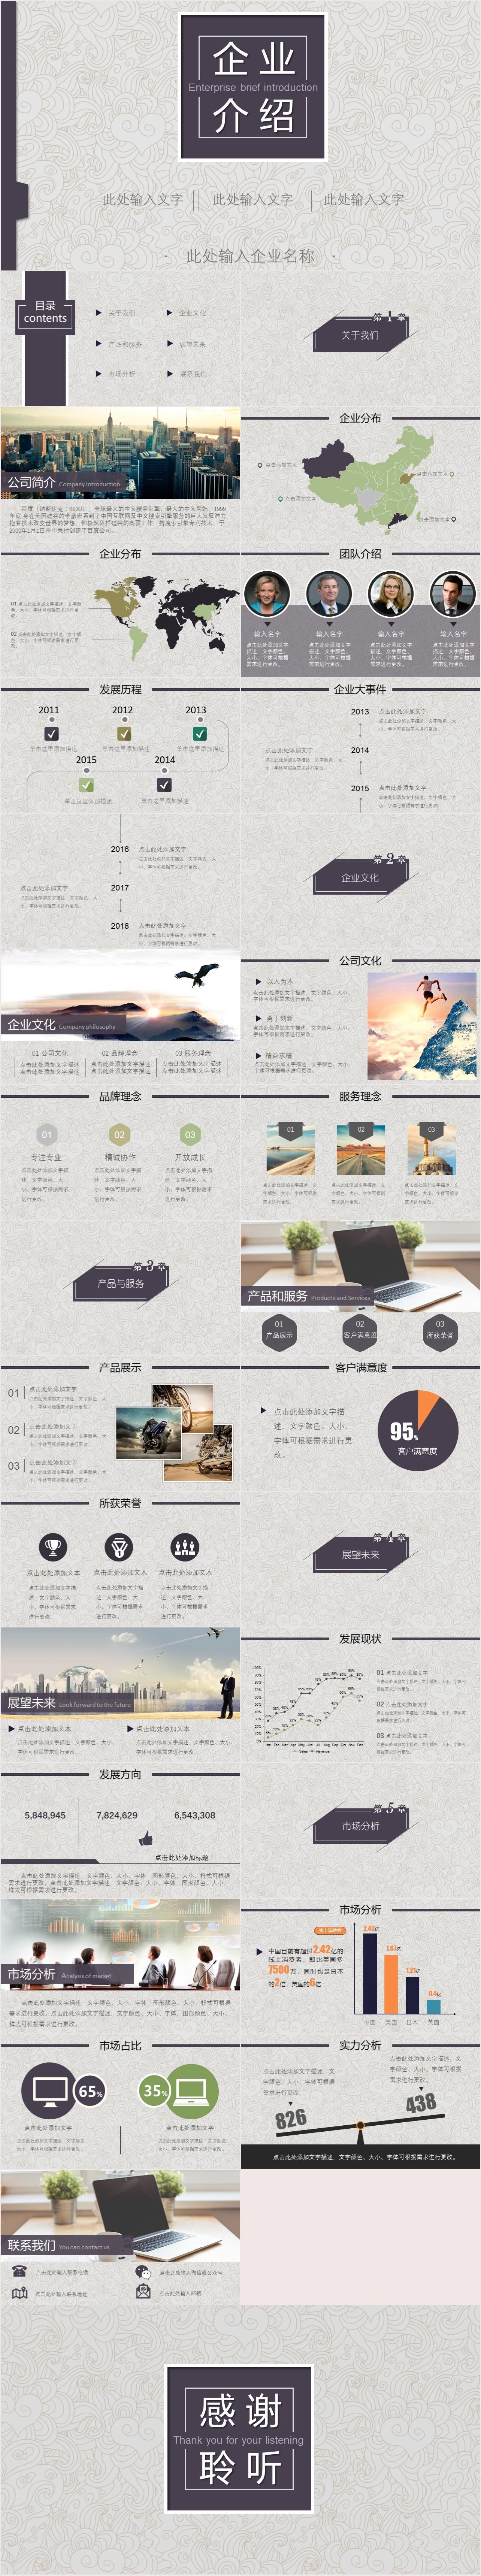 CL0104 簡約大氣中國風企業介紹PPT動態模板